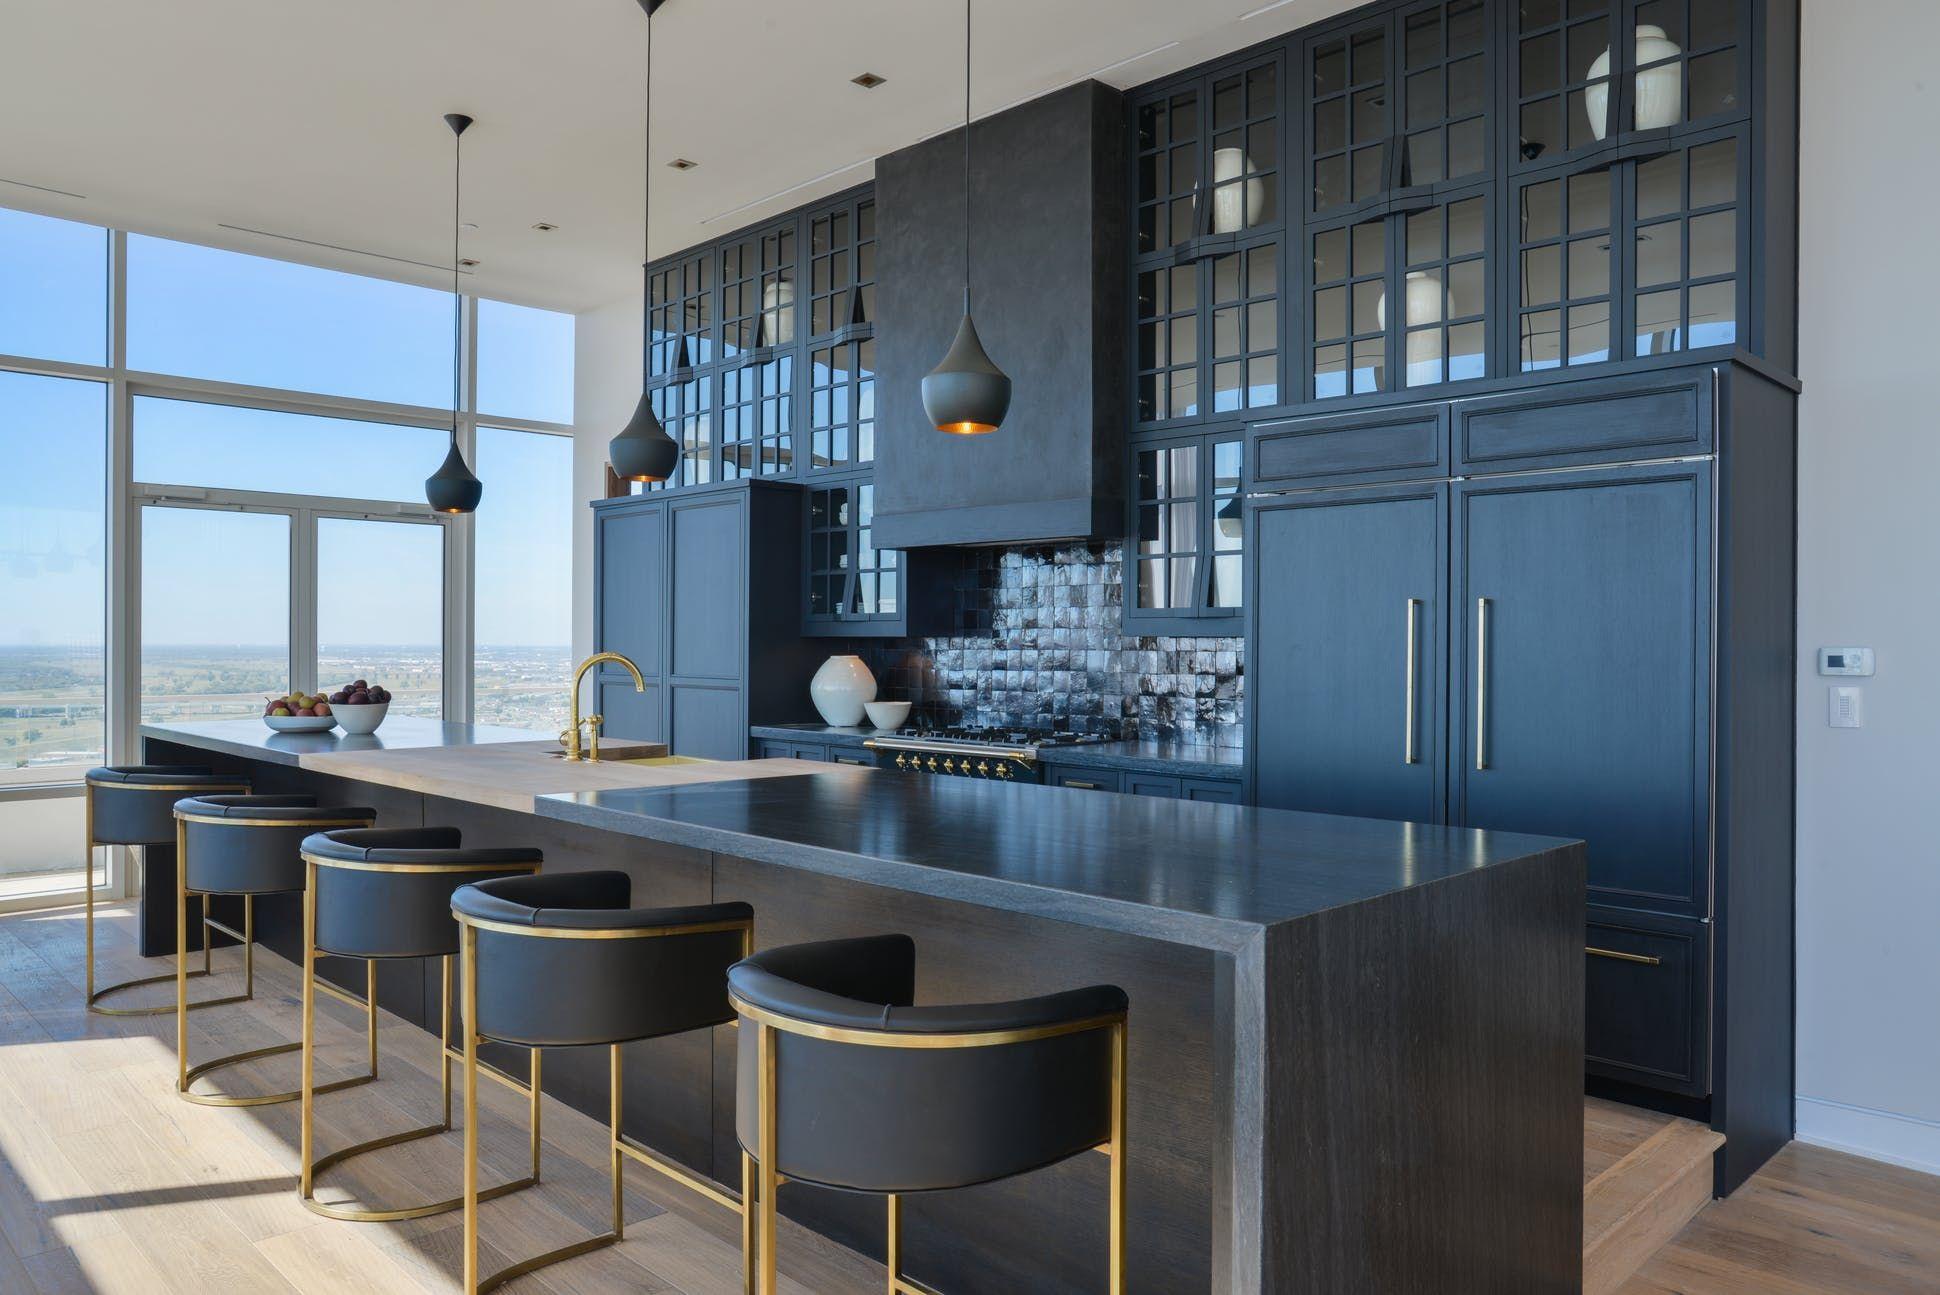 Luxe Kitchen Designs Featuring Waterworks Chairish Blog Interior Design Kitchen Contemporary Black Kitchen Contemporary Kitchen